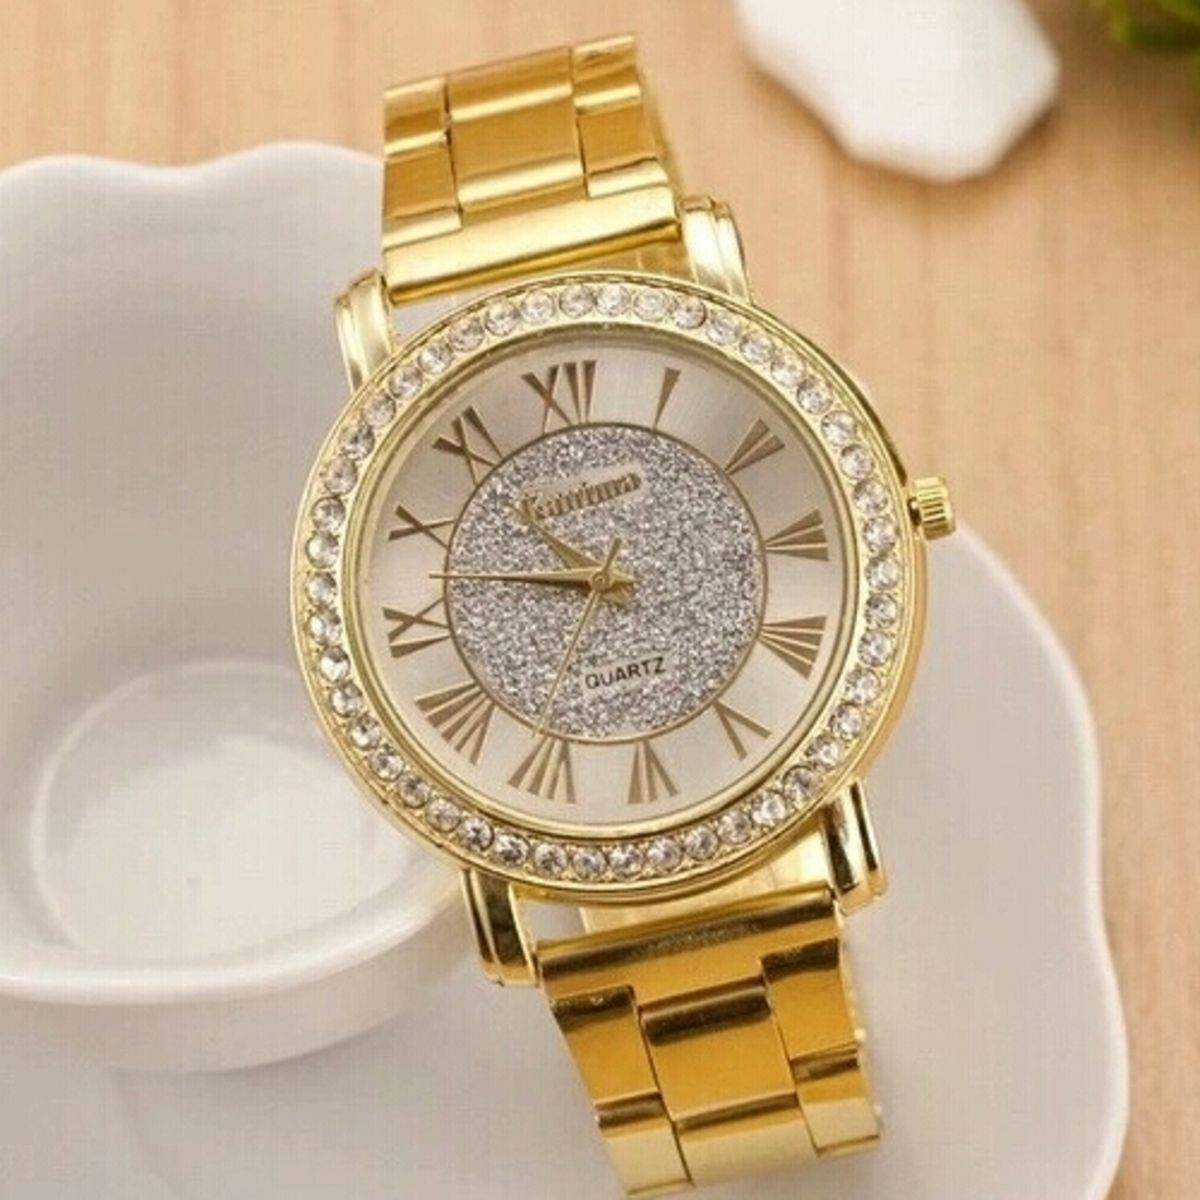 e6eb9fb18ca Relógio Feminino Kanima - Aço Metal Inox Quartz Comprar online relógio da  Marca Kanima Importado da China no Brasil